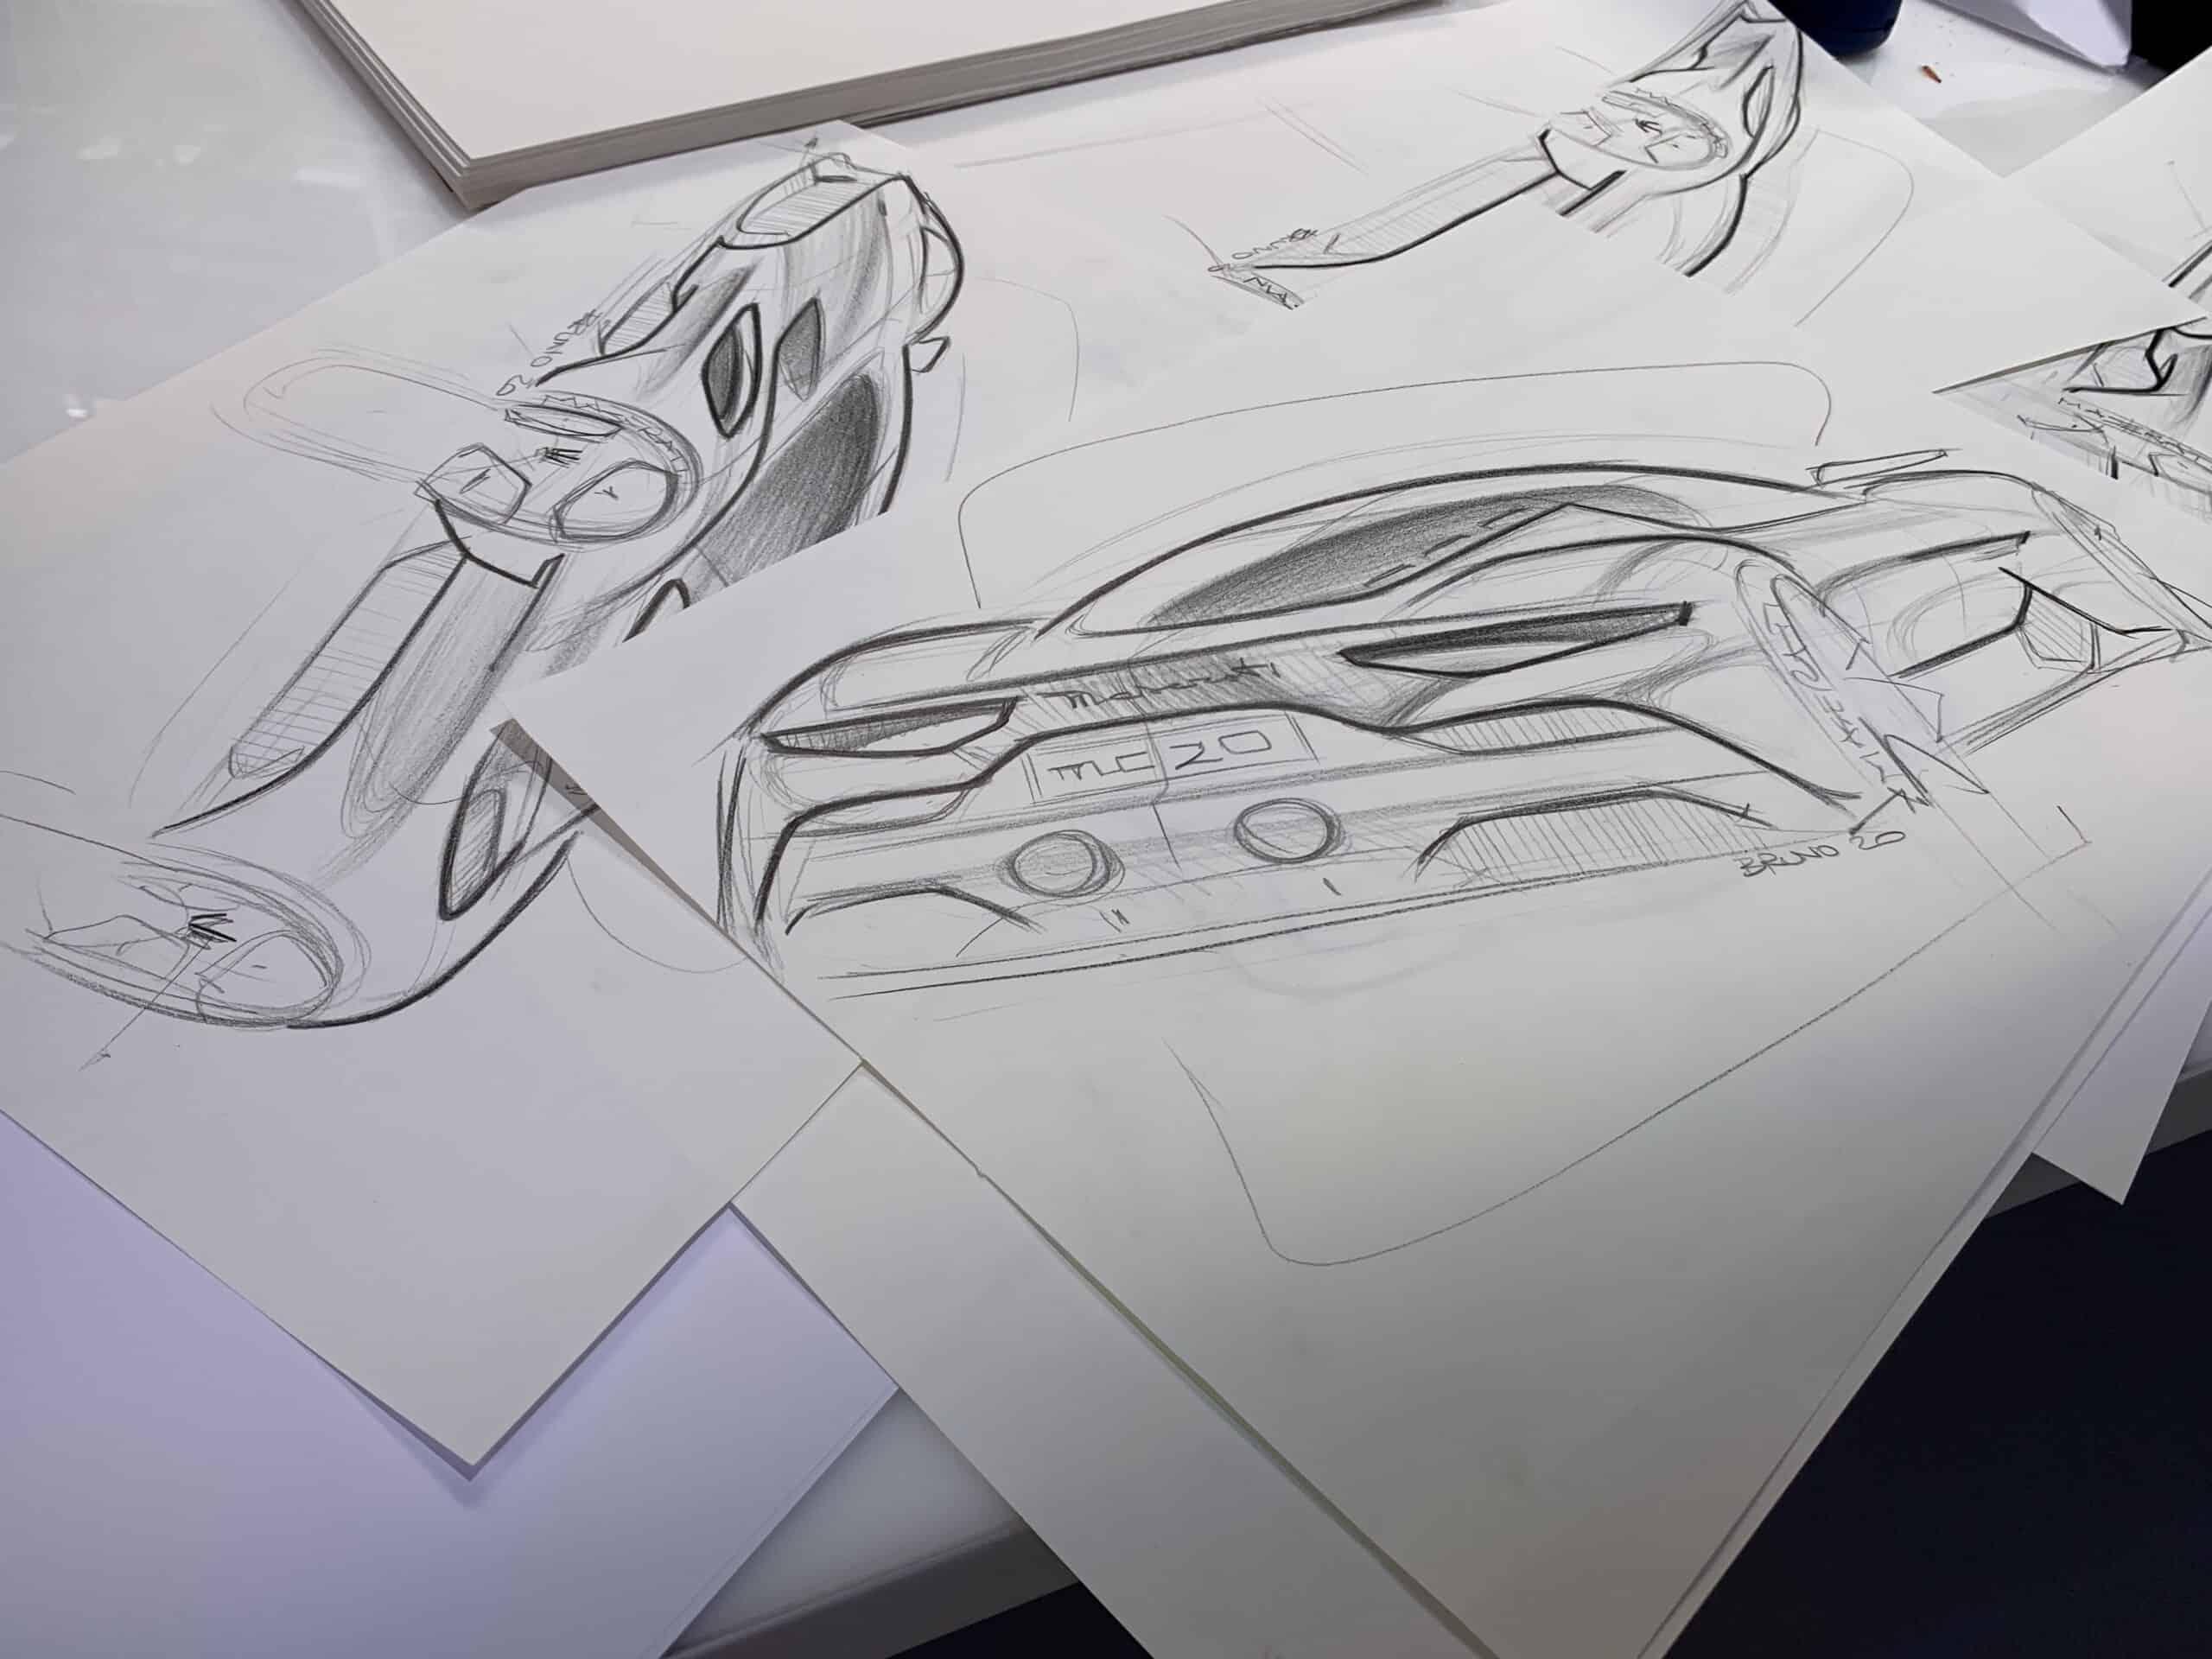 Weltpremiere für den neuen Supersportwagen MC20 in Modena